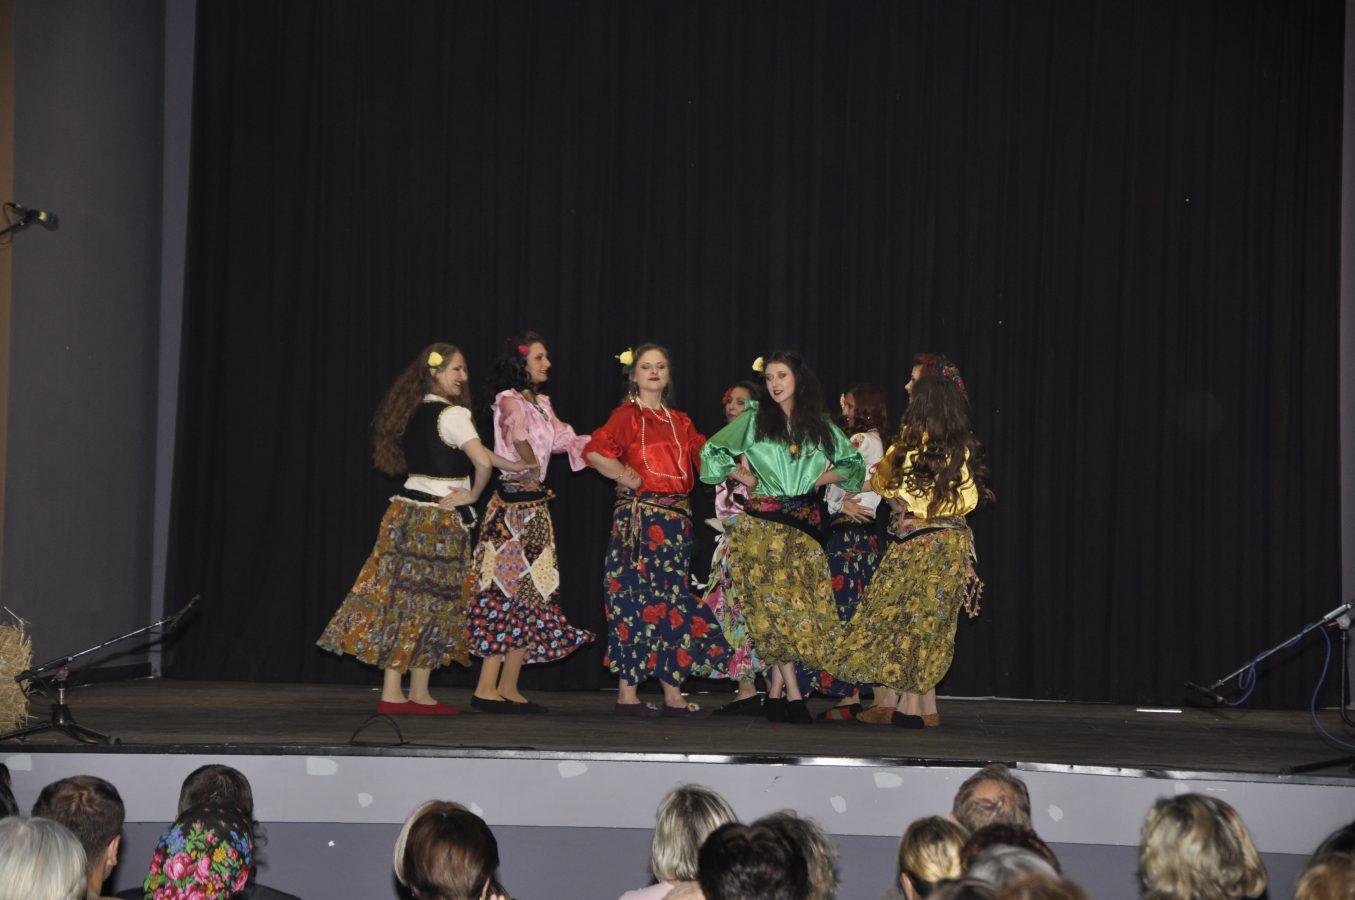 Festival manjina (13)